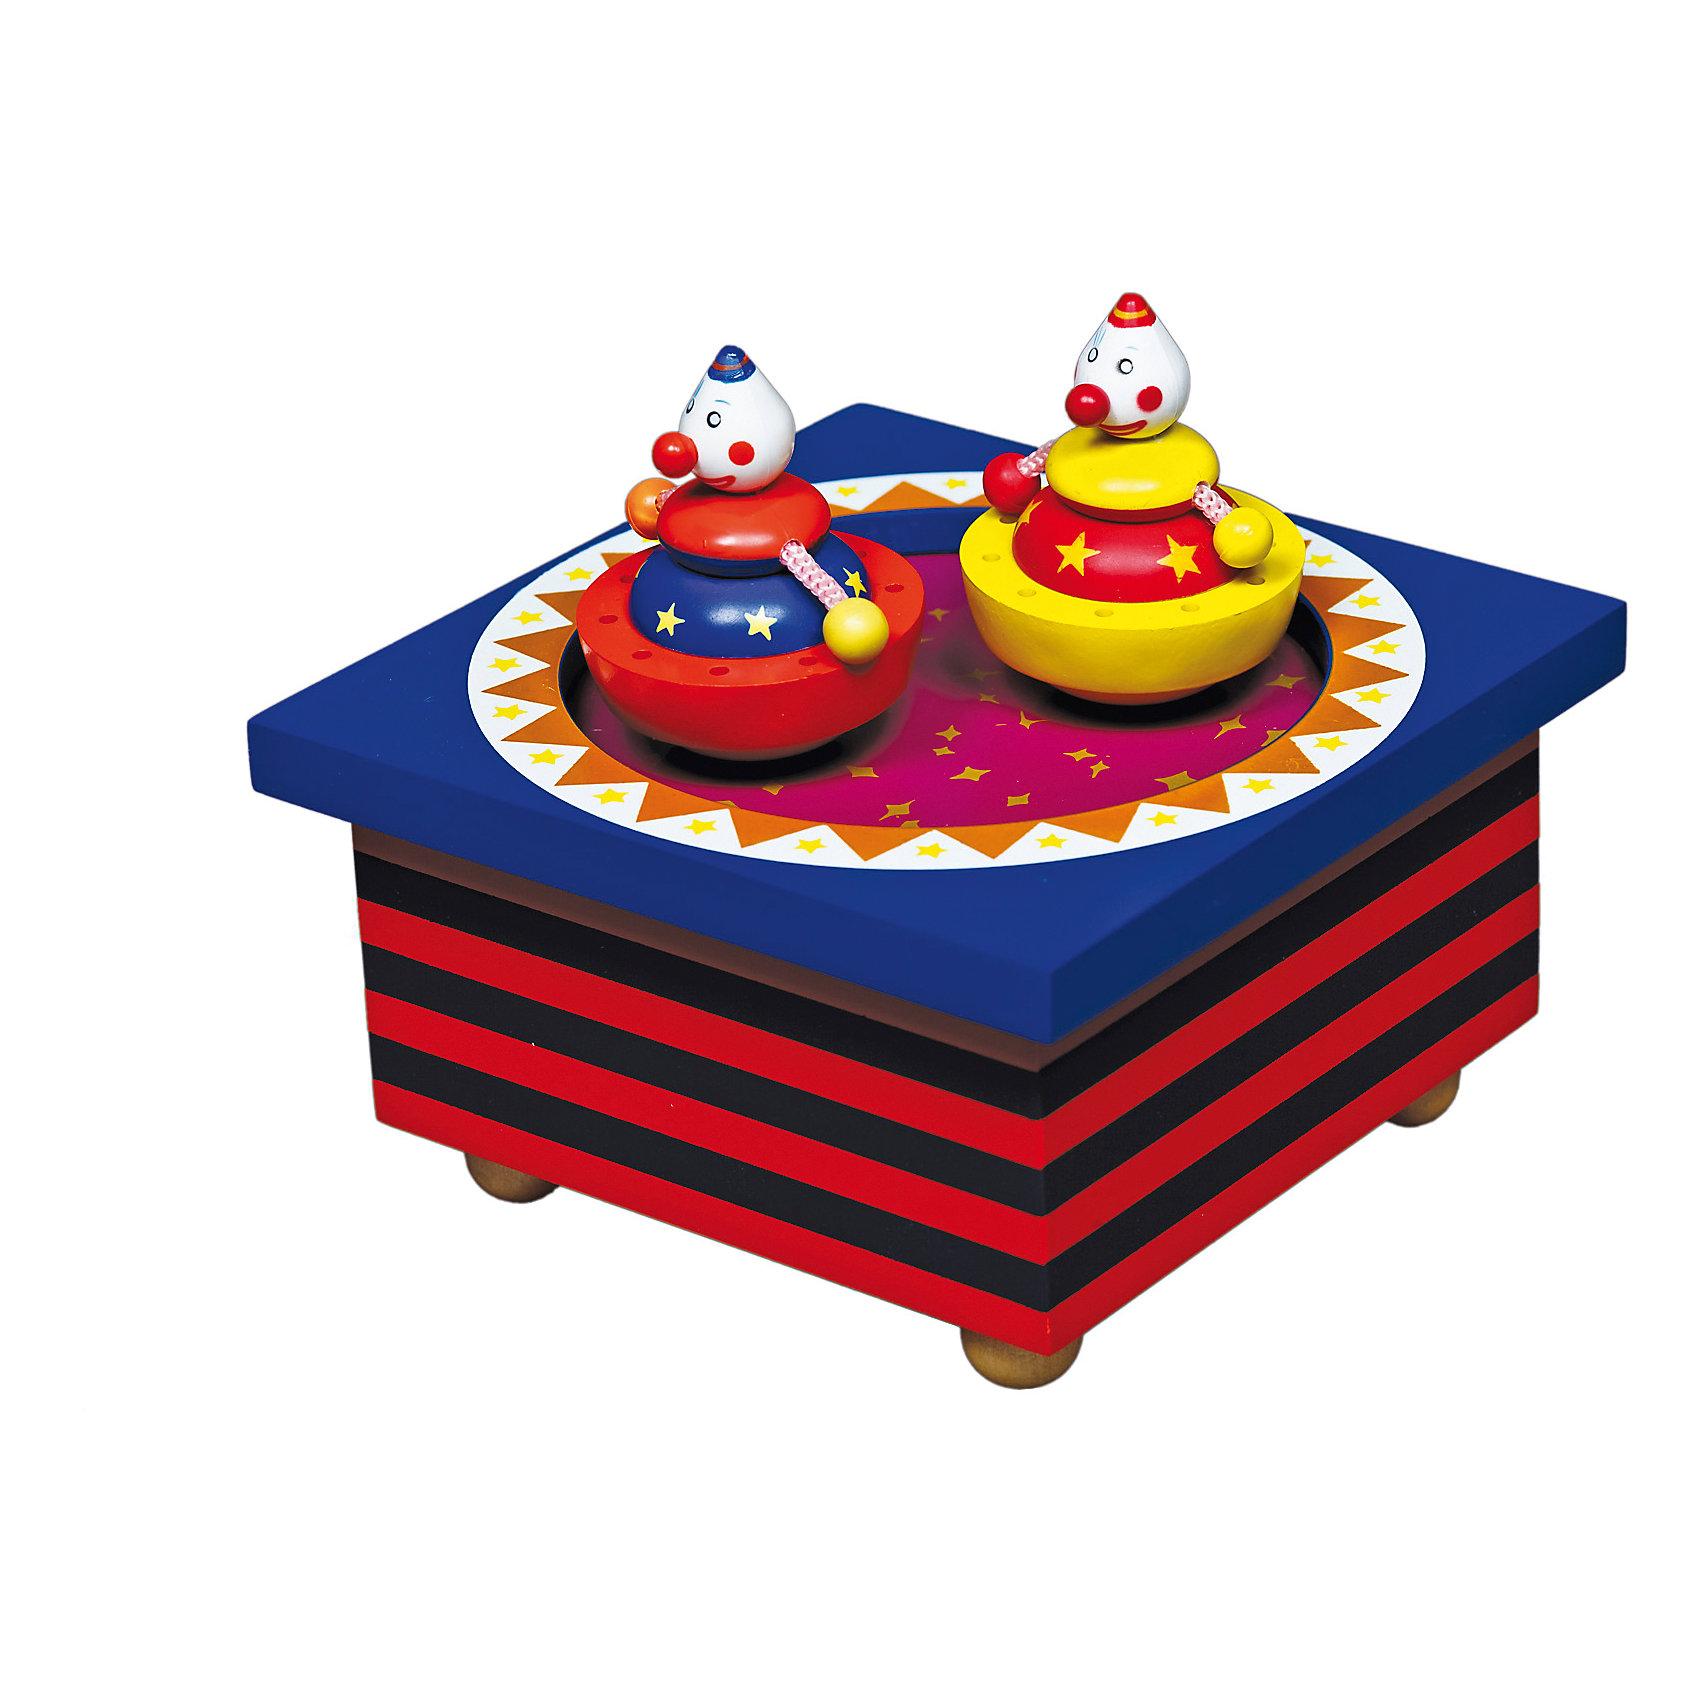 Музыкальная шкатулка Цирк, TrousselierПредметы интерьера<br>Чудесная музыкальная шкатулка Цирк, Trousselier, станет замечательным подарком для девочки любого возраста. Малышек от 3 лет она заинтересует как забавная музыкальная игрушка, девочек постарше - как изысканный модный аксессуар для украшения интерьера. <br>На крышке расположились две яркие фигурки клоунов, стоит только завести шкатулку ключом, хранящемся на дне, как фигурки начинает плавно вращаться под мелодию Ф. Шуберта Серенада. Шкатулка также может послужить началом оригинальной коллекции музыкальных шкатулок. Упакована в подарочную коробку Trousselier. <br><br>Дополнительная информация:<br><br>- Материал: дерево.<br>- Размер шкатулки: 11,5 x 11,5 x 7 см.<br>- Размер упаковки: 13 х 13 х 11 см. <br>- Вес: 0,4 кг.<br><br>Музыкальную шкатулку Цирк, Trousselier, можно купить в нашем интернет-магазине.<br><br>Ширина мм: 111<br>Глубина мм: 111<br>Высота мм: 70<br>Вес г: 417<br>Возраст от месяцев: 0<br>Возраст до месяцев: 120<br>Пол: Унисекс<br>Возраст: Детский<br>SKU: 3972701